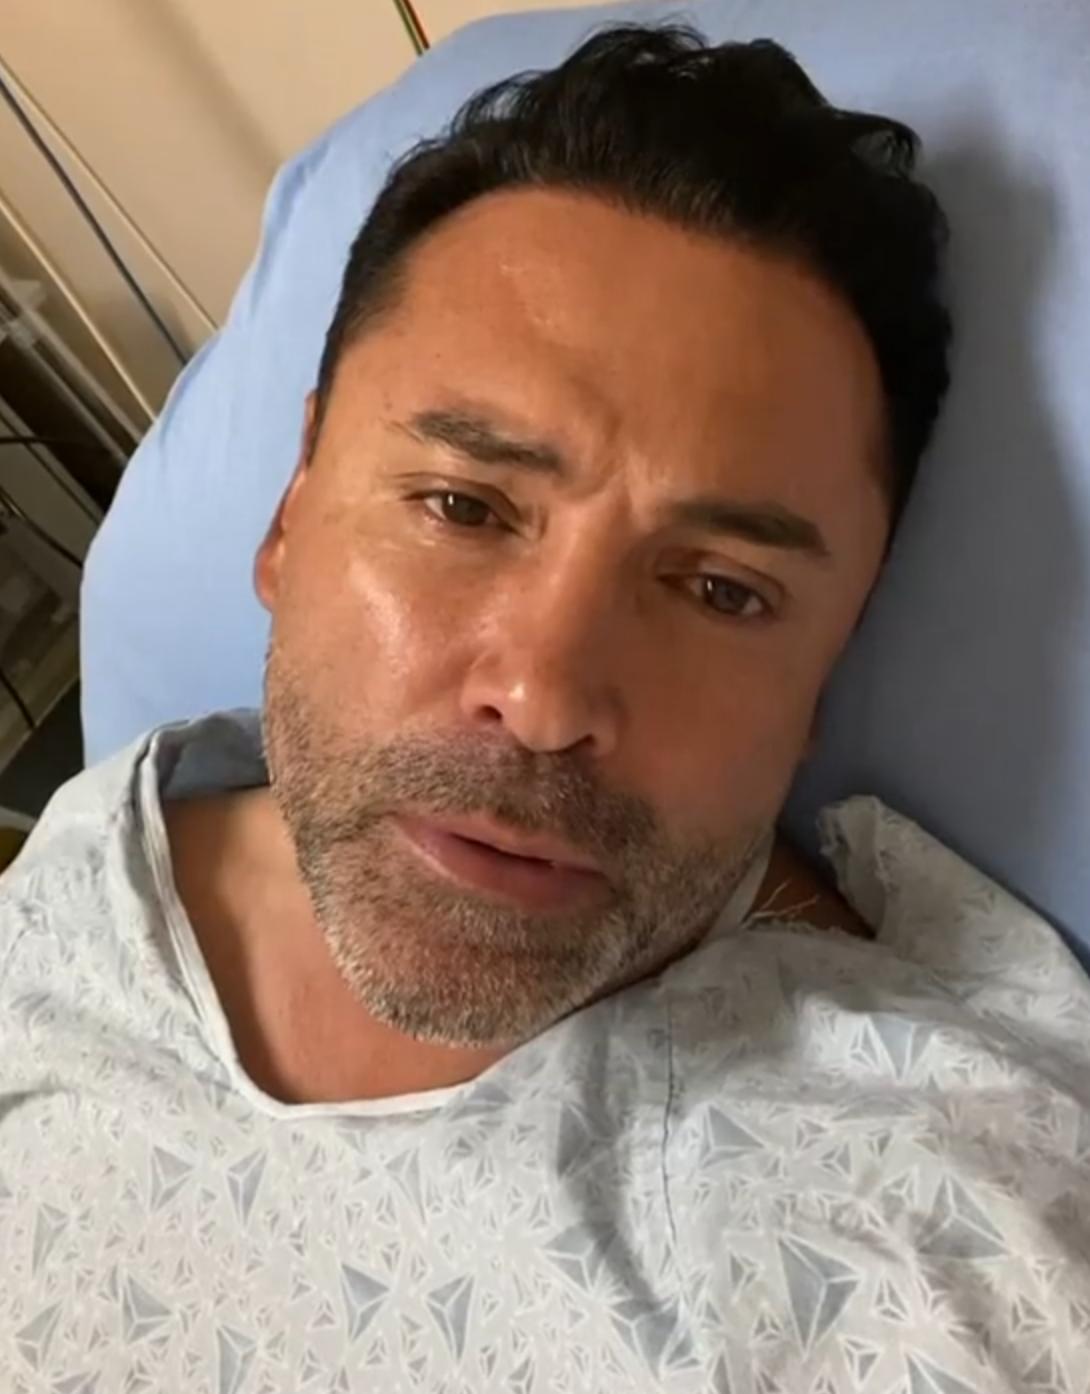 Oscar De La Hoya Hospitalized With COVID-19, 'This Really Kicked My A**'